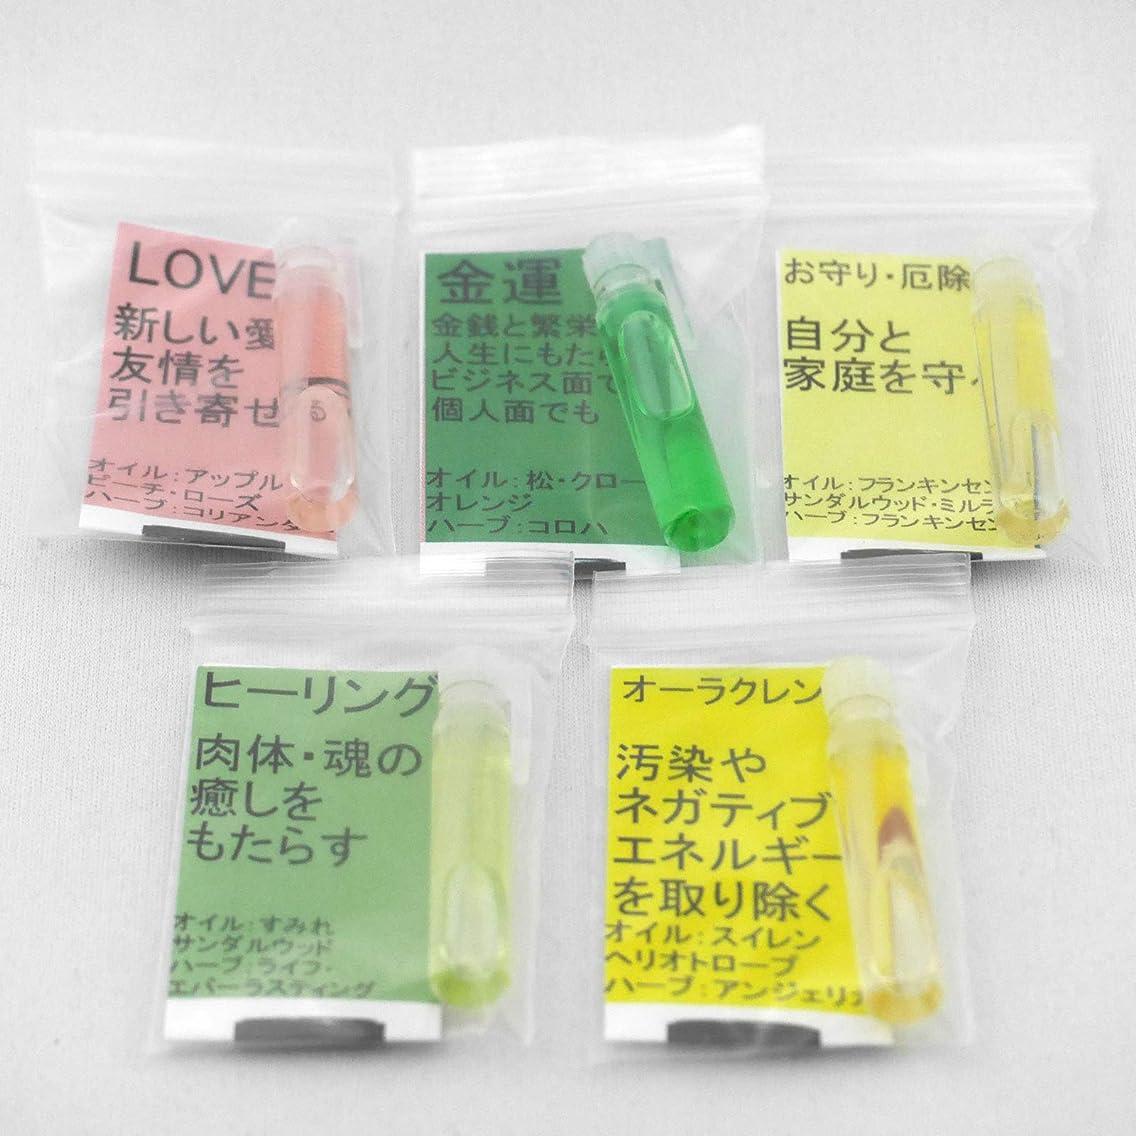 硬さ手書き誓いアンシェントメモリーオイル 基本の5本小分けセット(LOVE?MoneyDraw?Protection?Healing?Aura Cleanse)